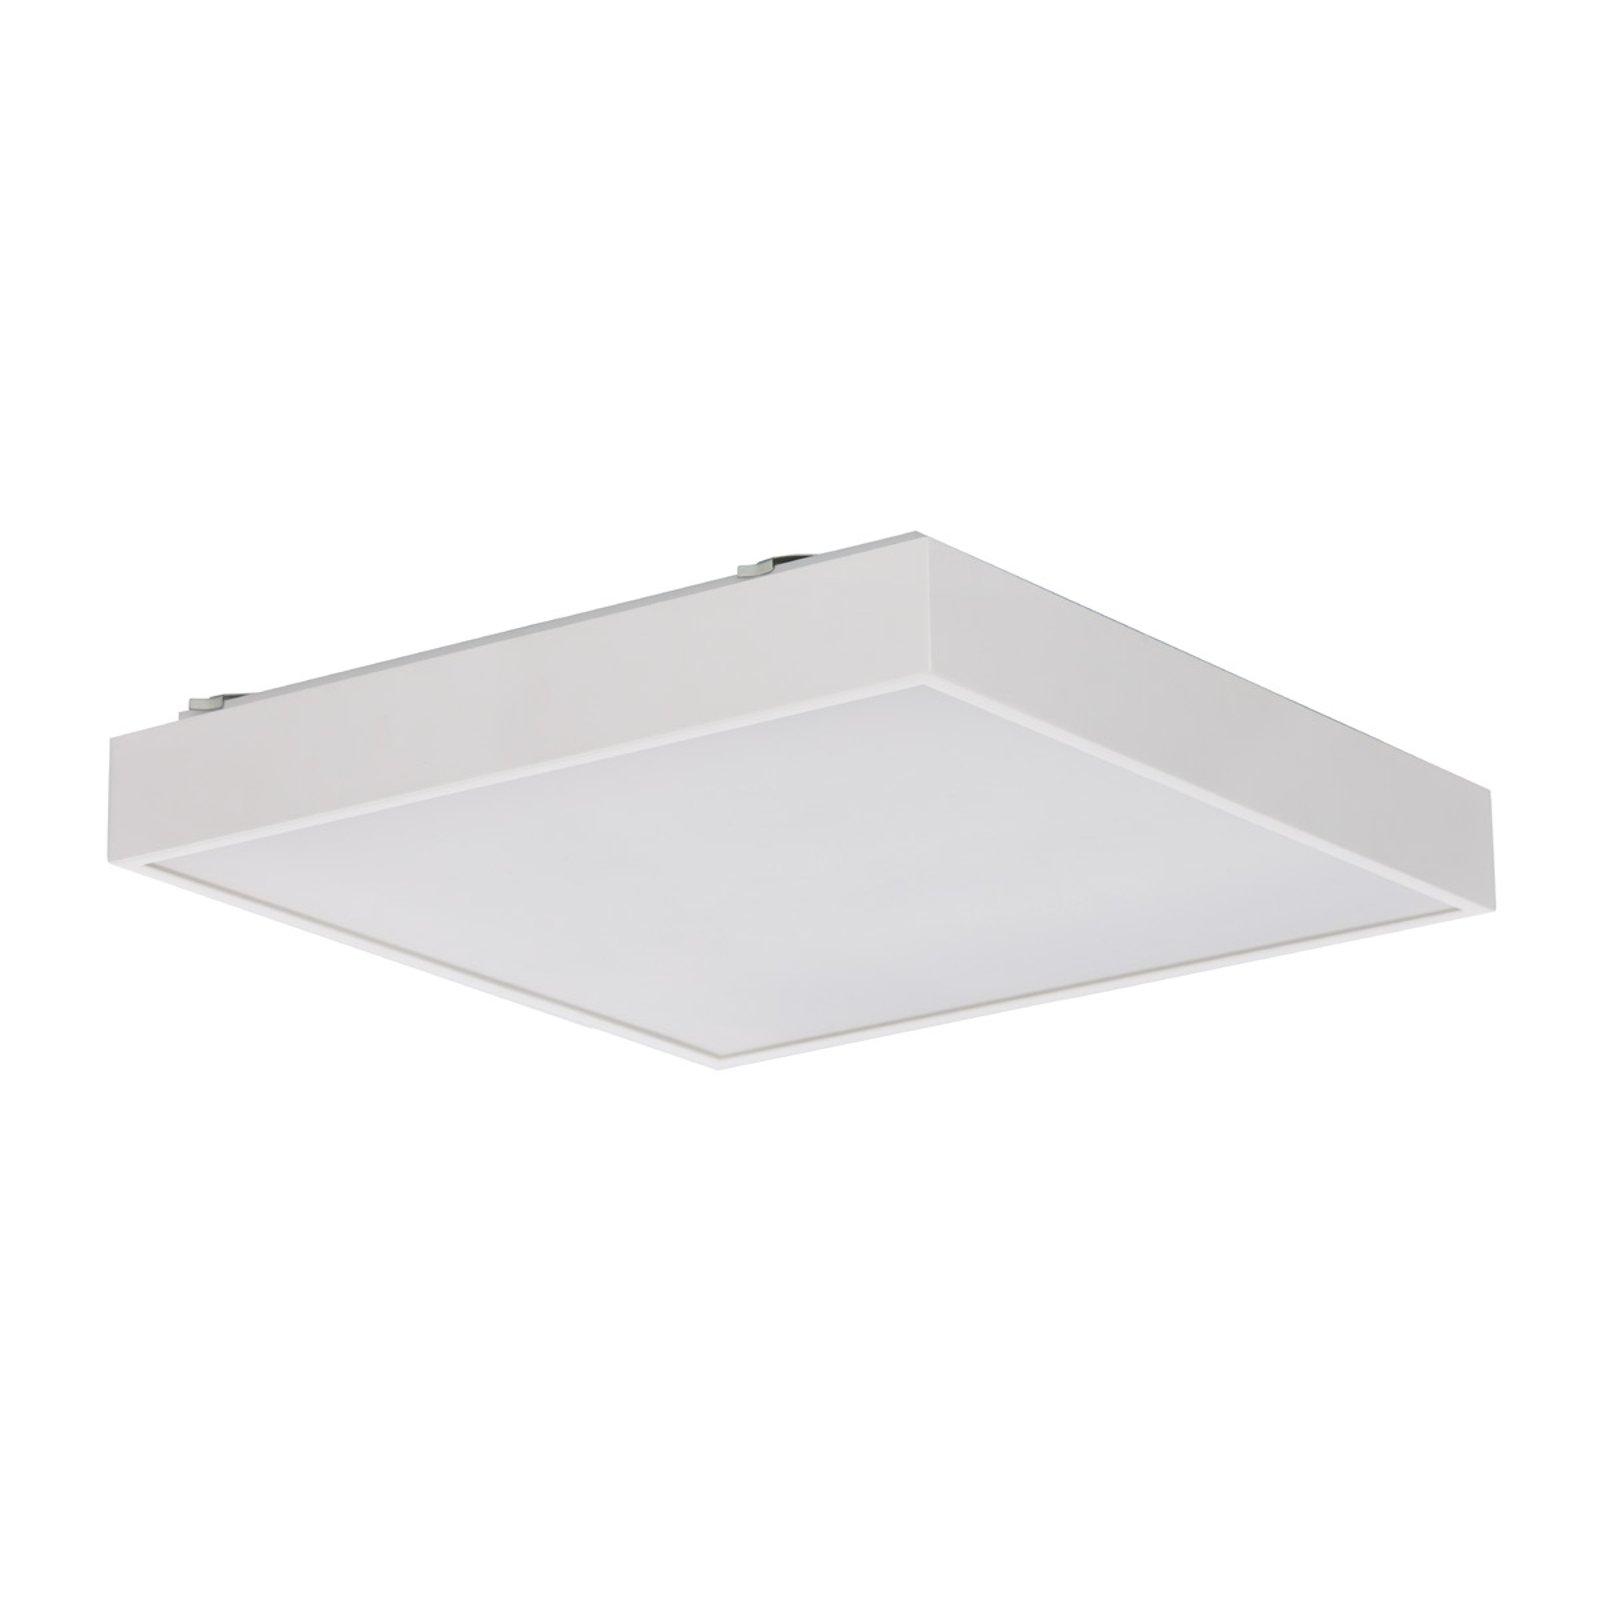 Hvit Q5 LED-taklampe DALI